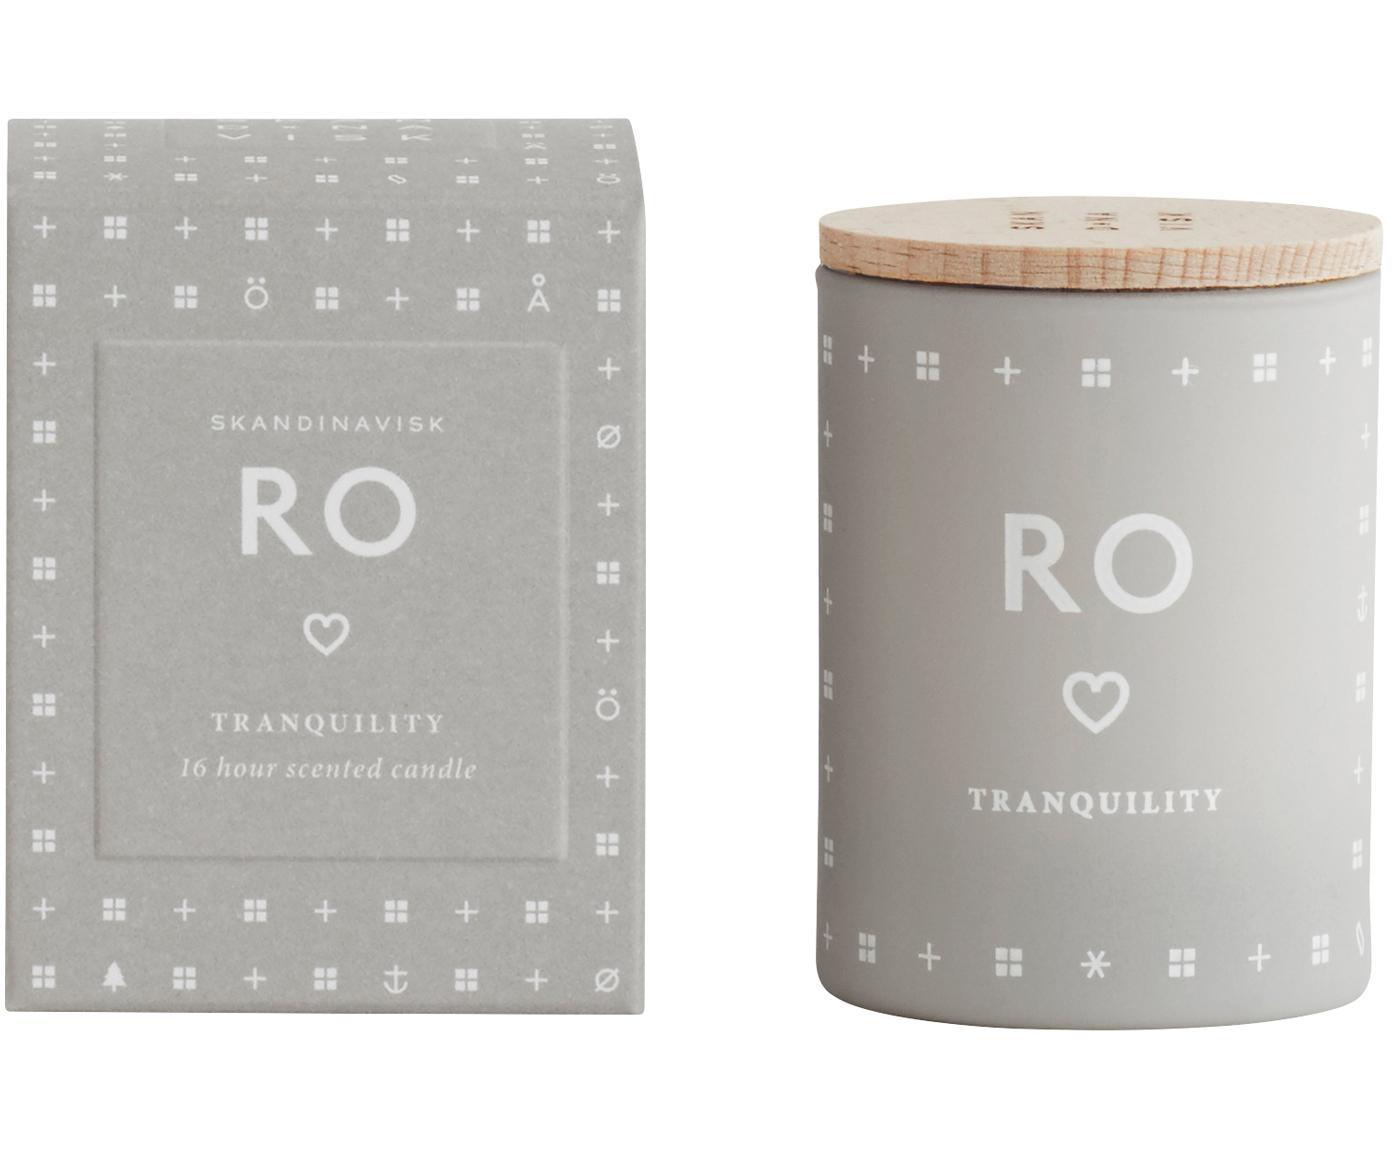 Duftkerze Ro (Frisches Gras), Behälter: Glas, Deckel: Buchenholz, Hellgrau, Ø 4 x H 6 cm